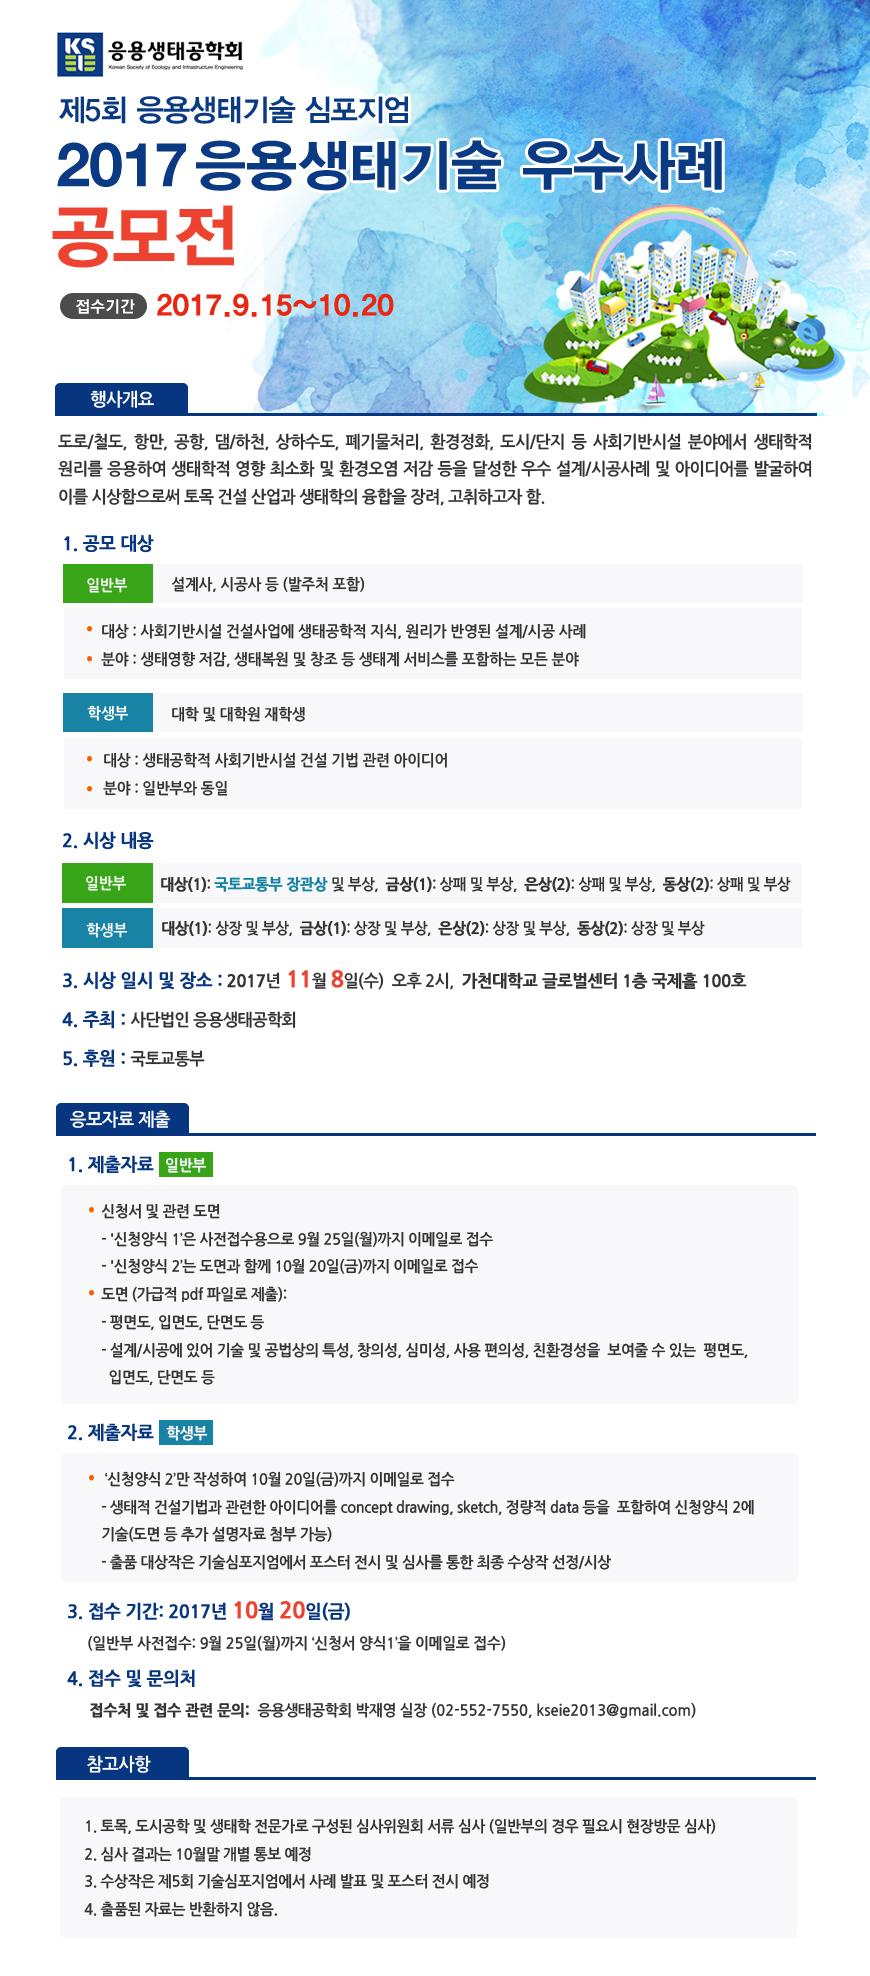 170915_응용생태공학회_웹메일폼.jpg